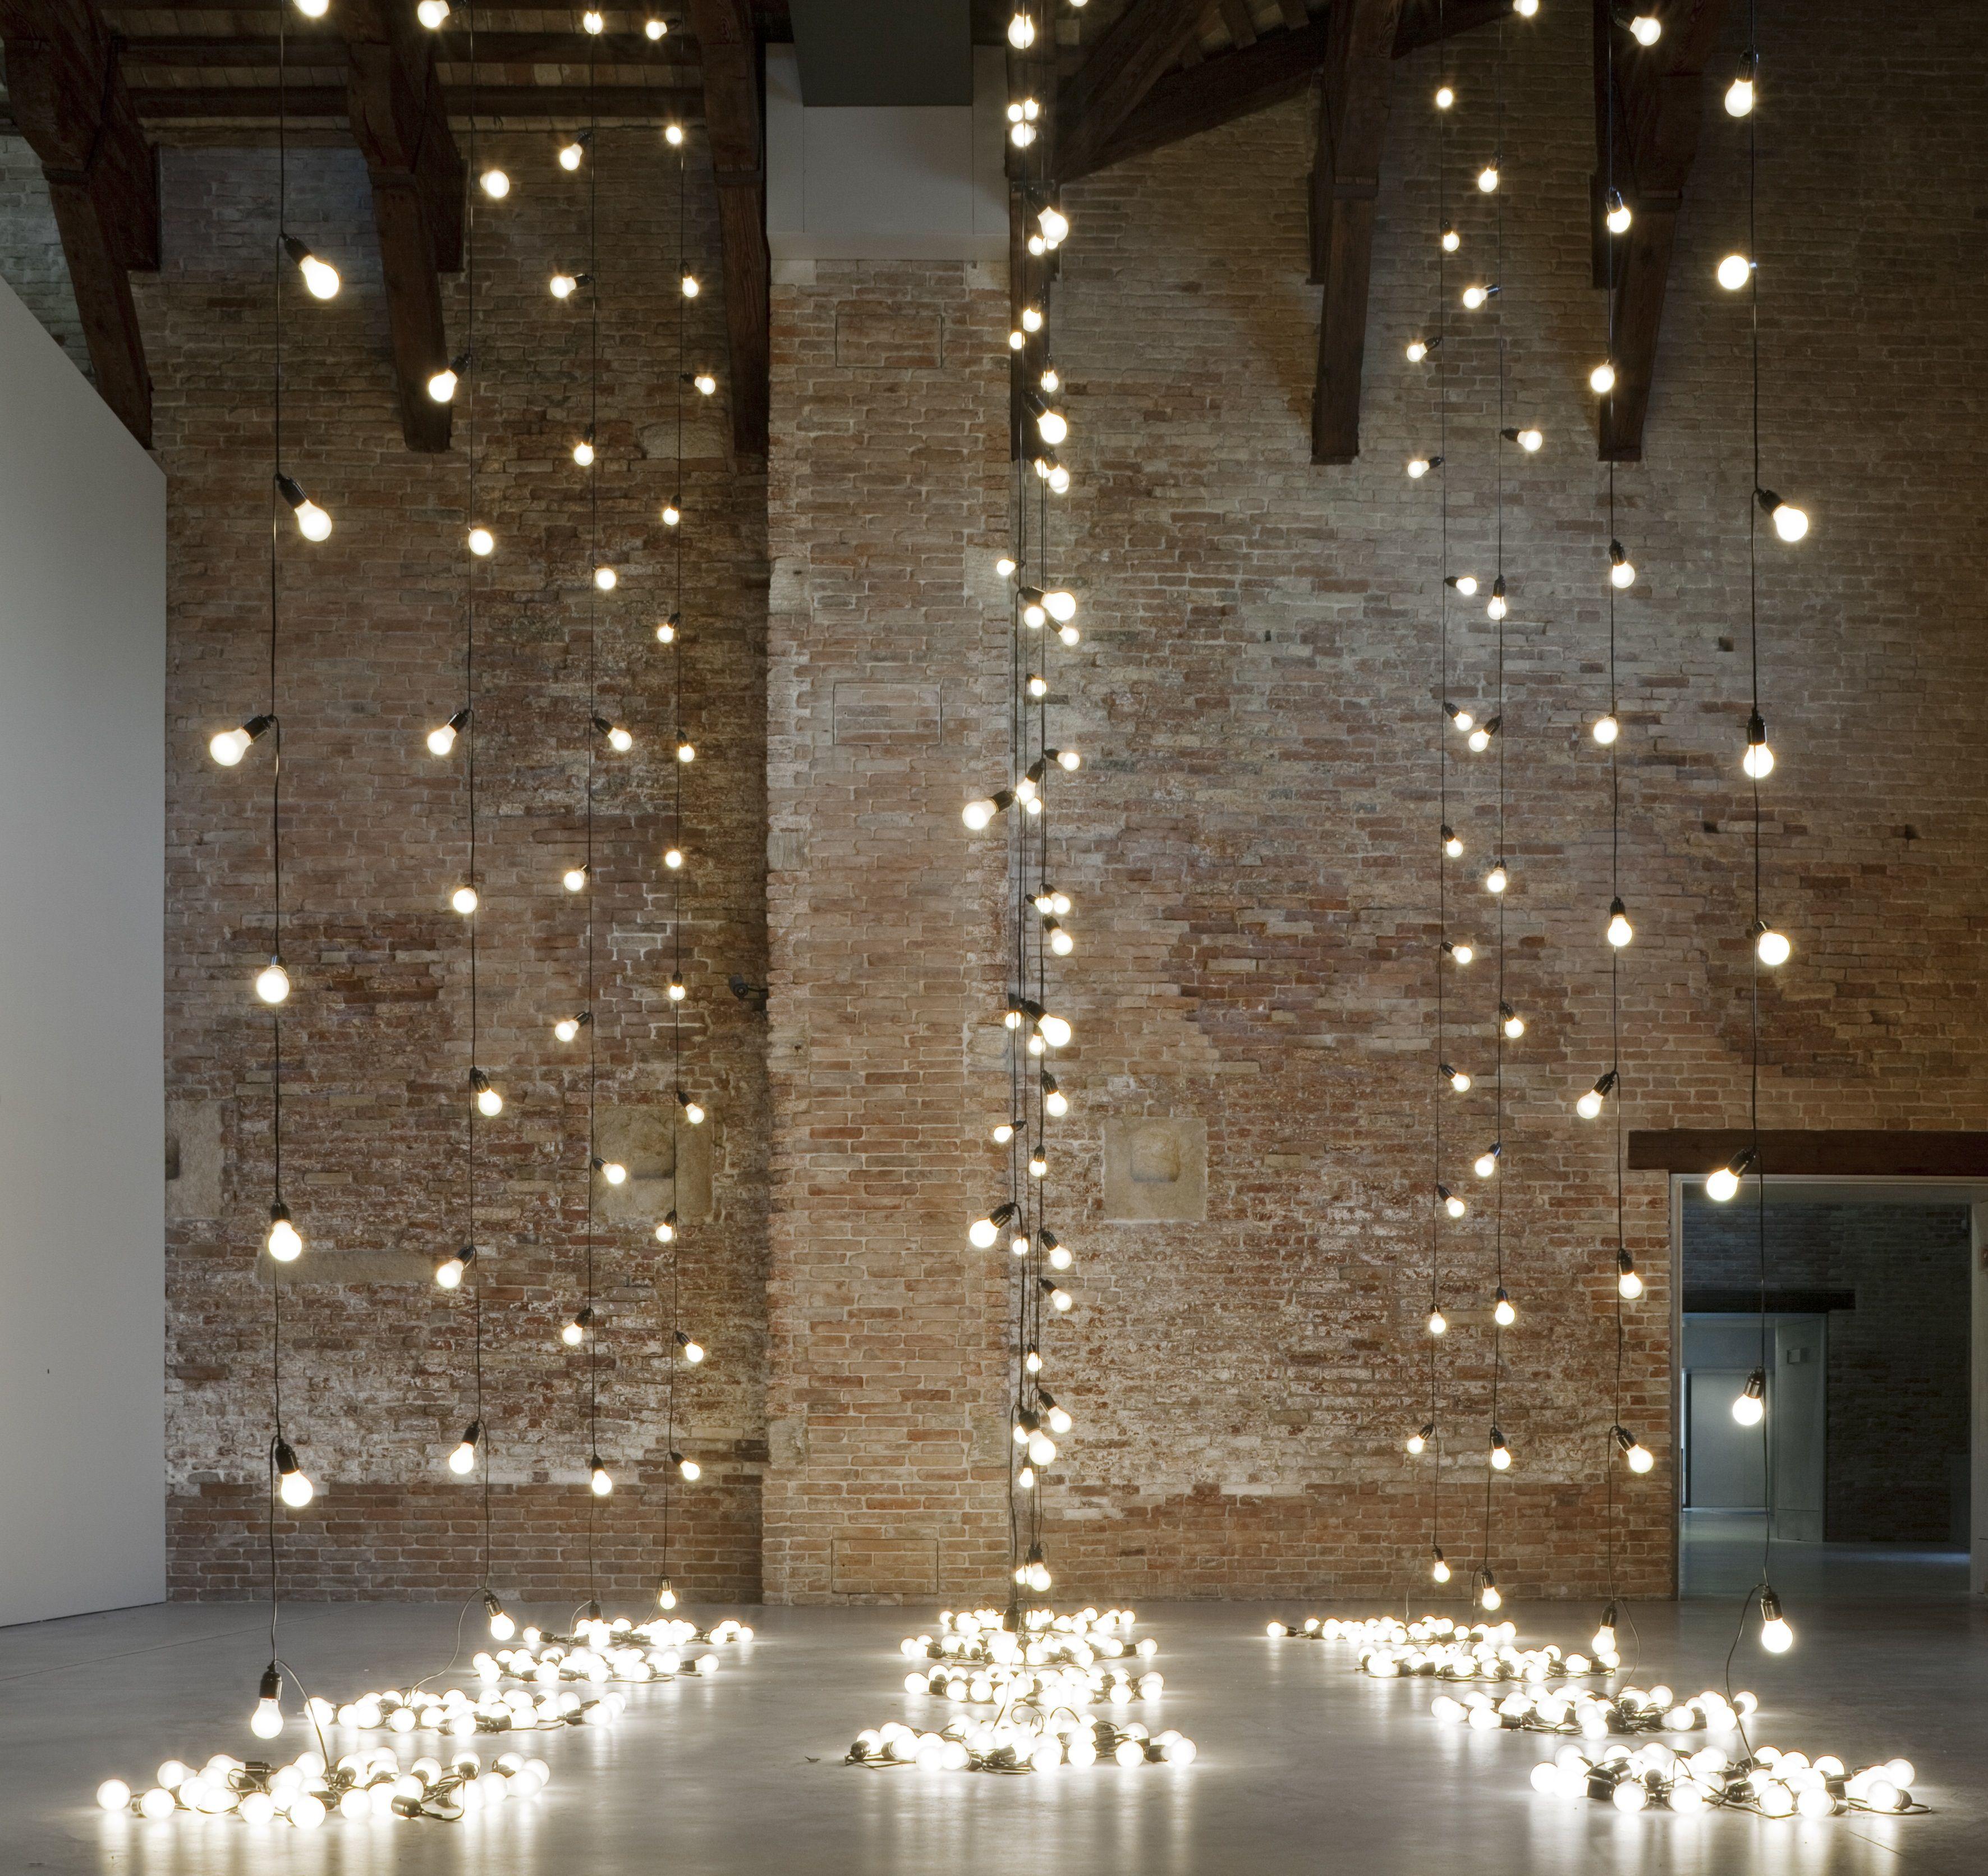 La nuova mostra di Punta della Dogana a Venezia elogio alla poesia femminista di Etel Adnan, vedi alla voce mostre imperdibili 2019